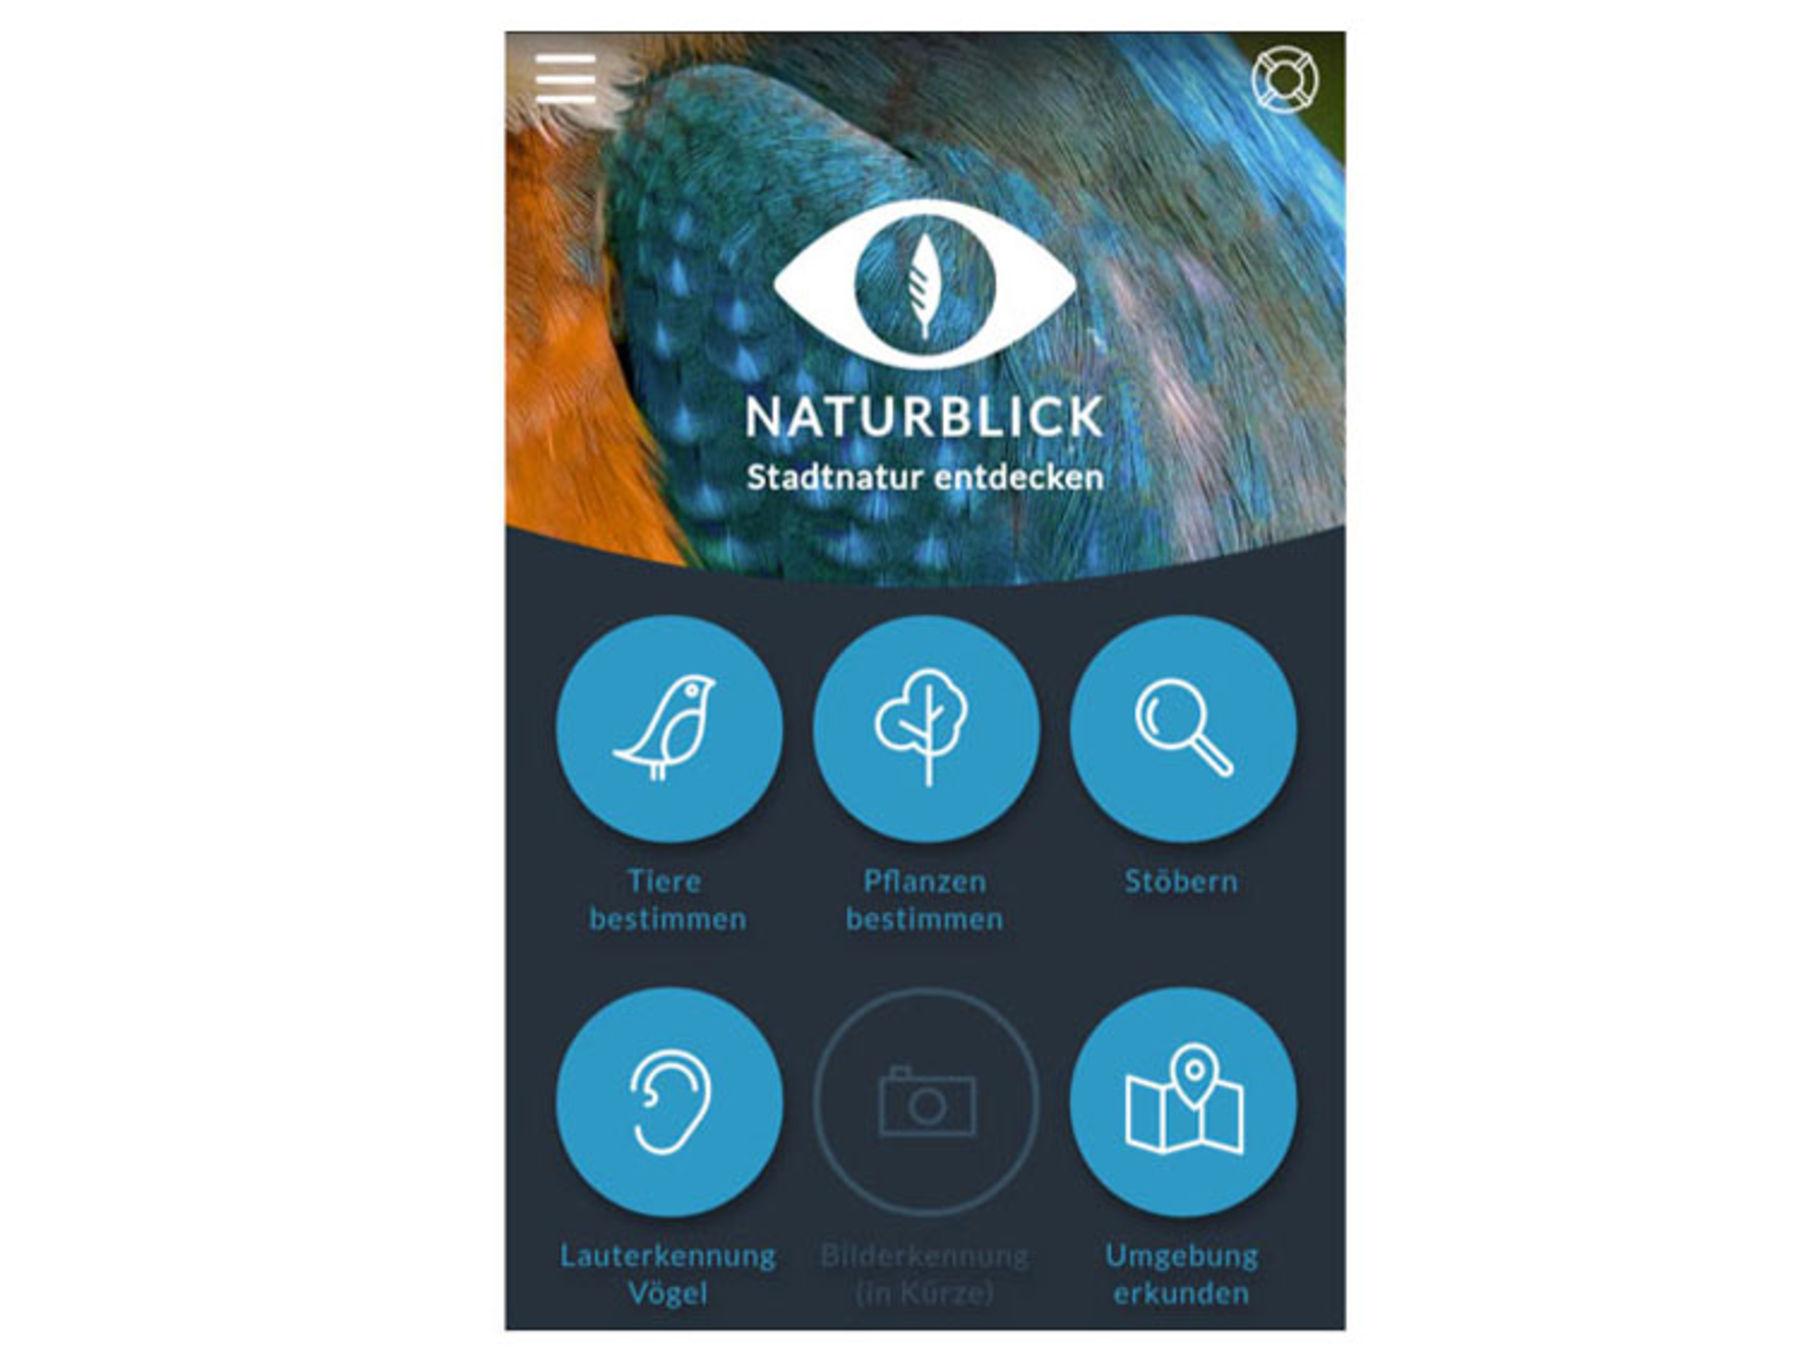 Mit Apps Arten Bestimmen Und Die Natur Entdecken ökoleo Umwelt